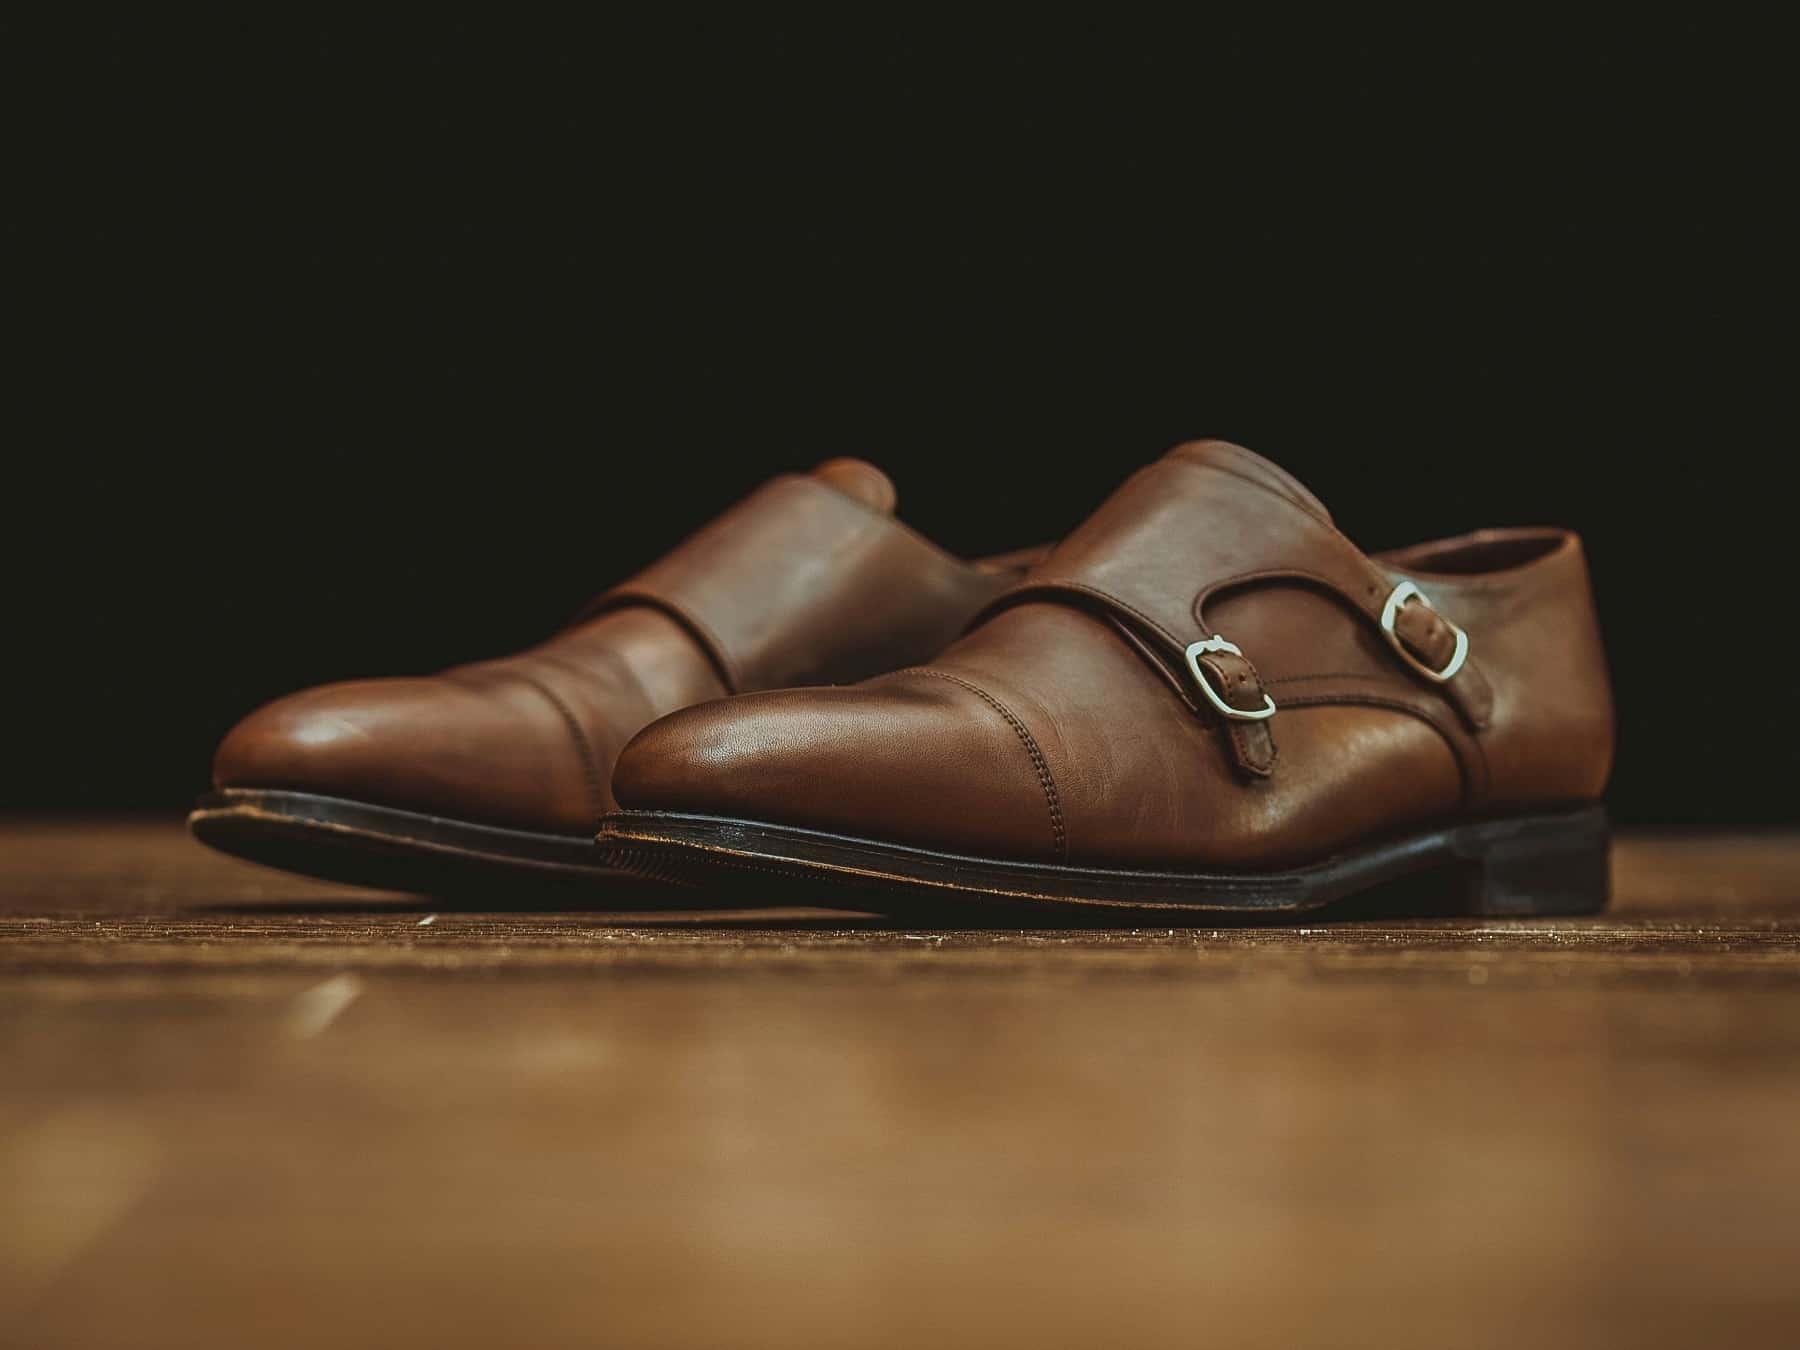 StilkolumneNicht nur Uhren, auch Schuhe brauchen Pflege: So machen Sie es richtig!